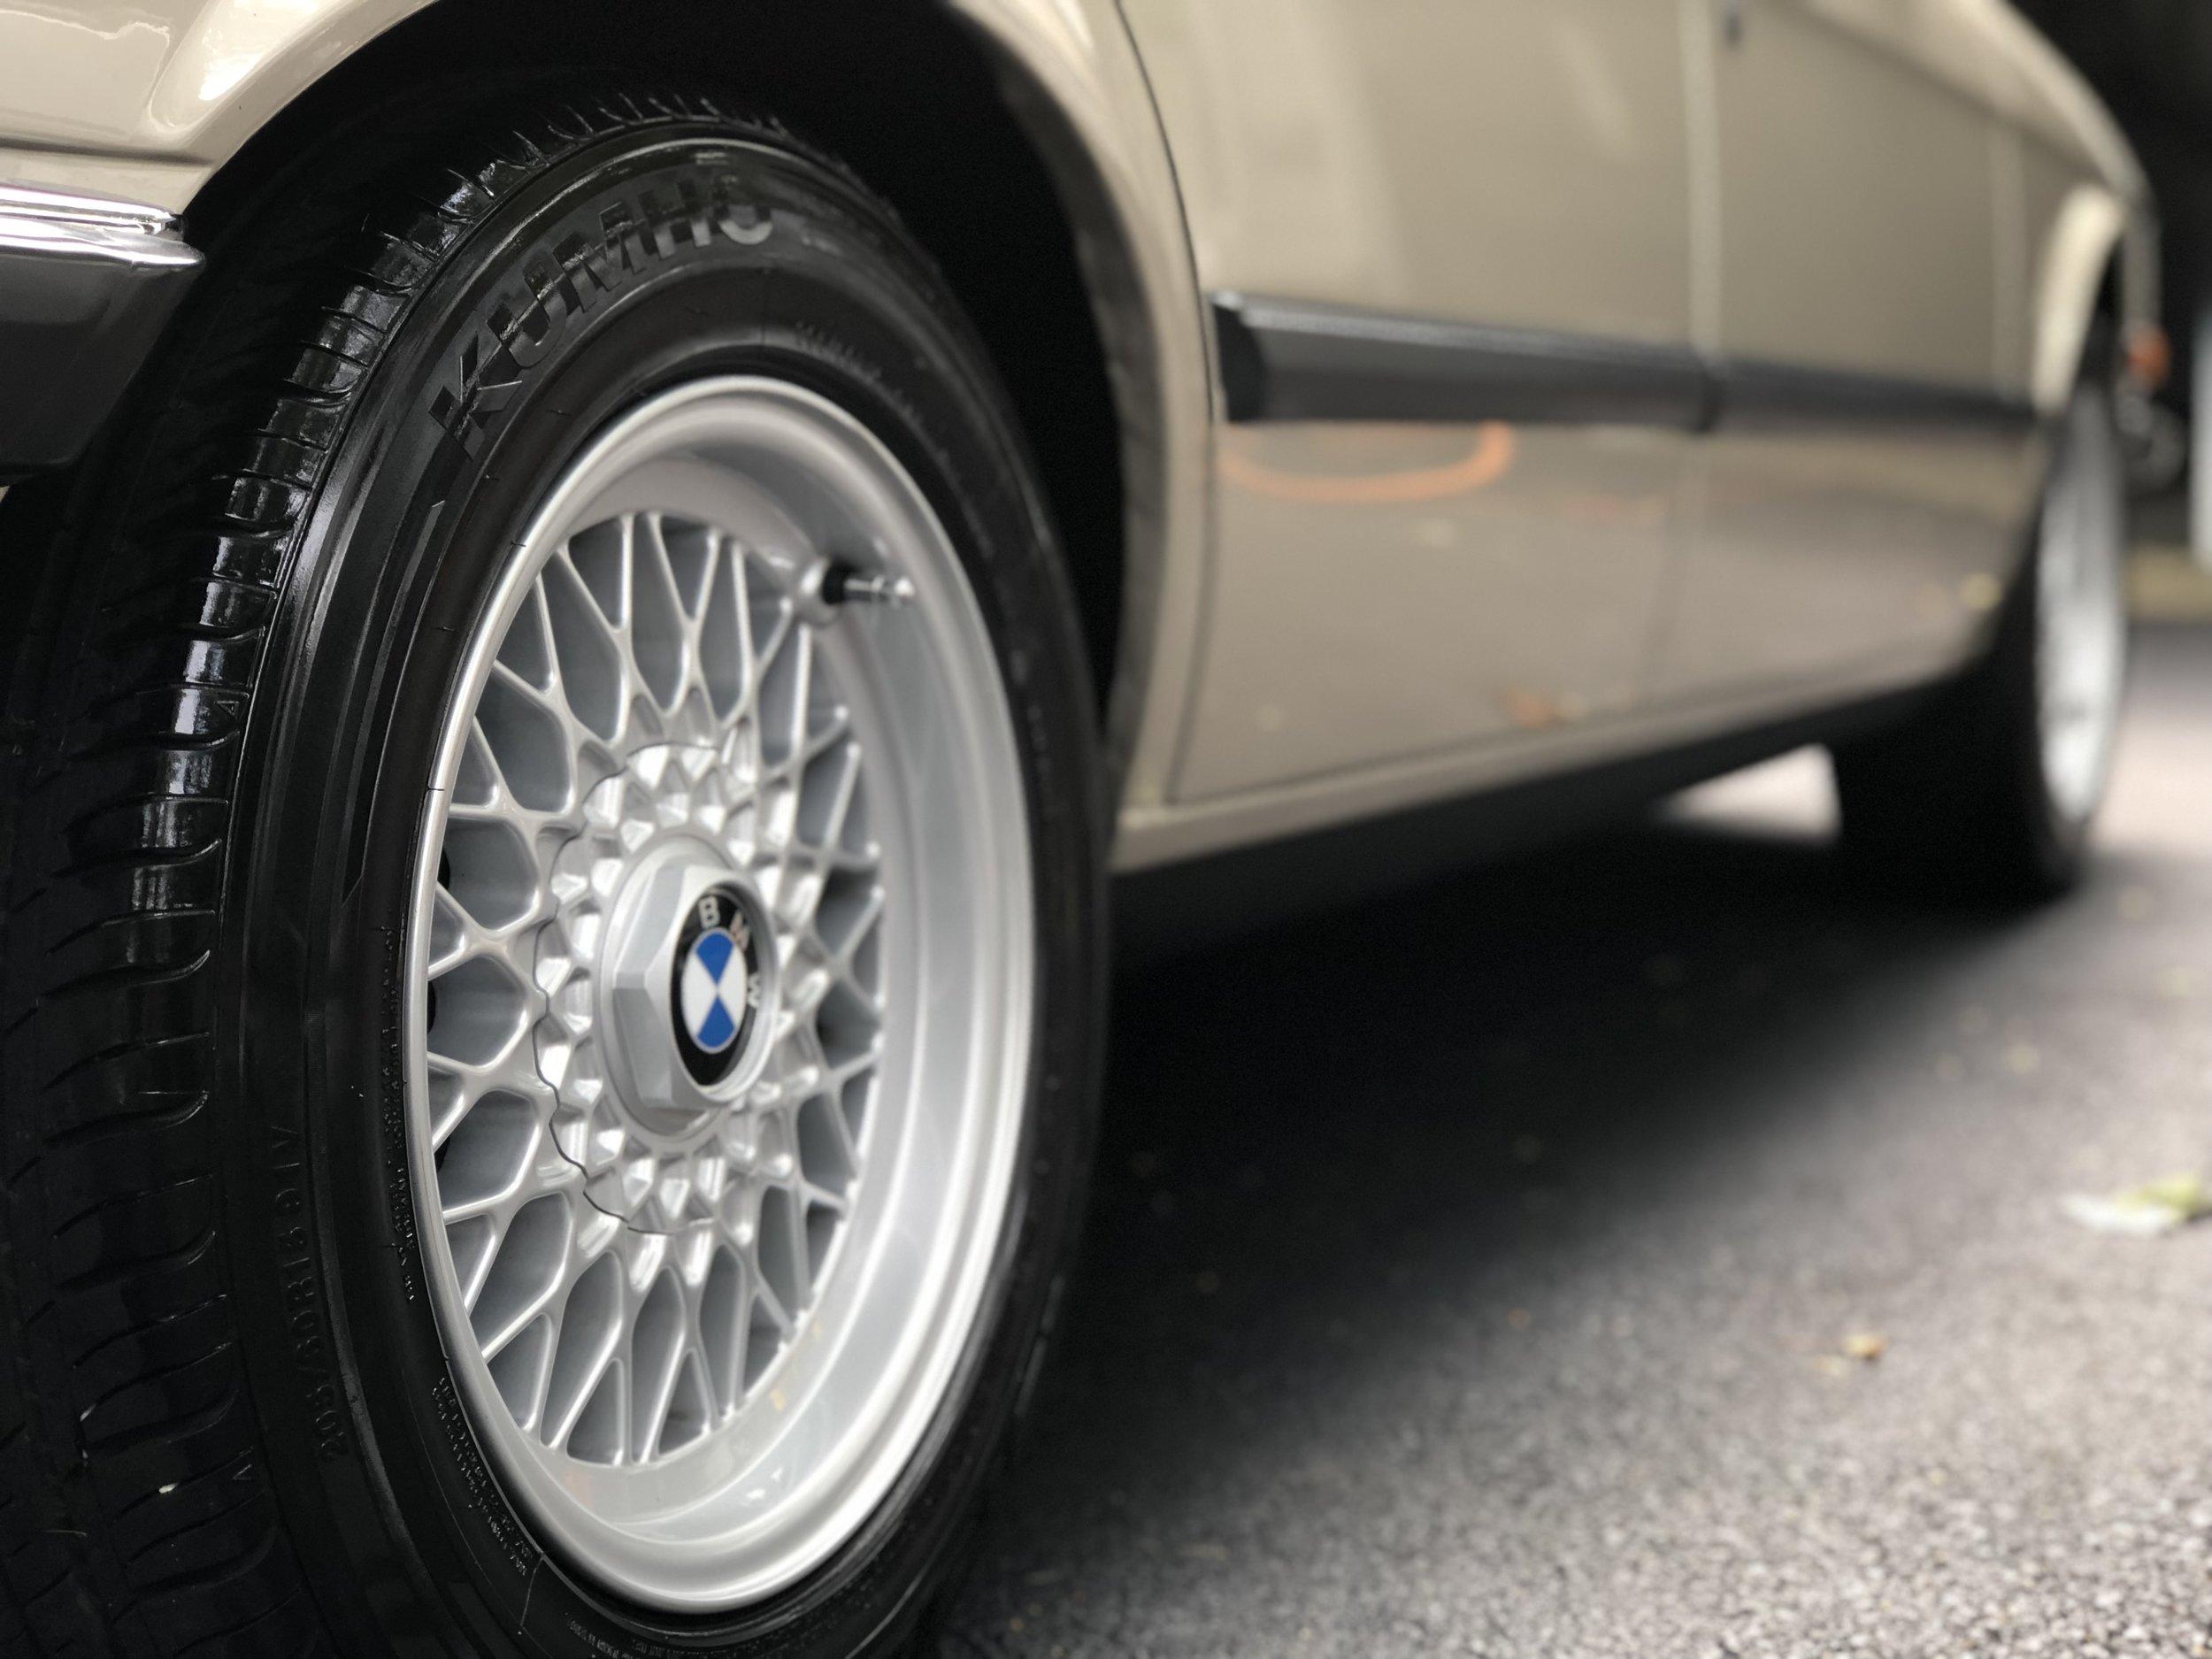 Car Detailng On BMW 520I.JPEG